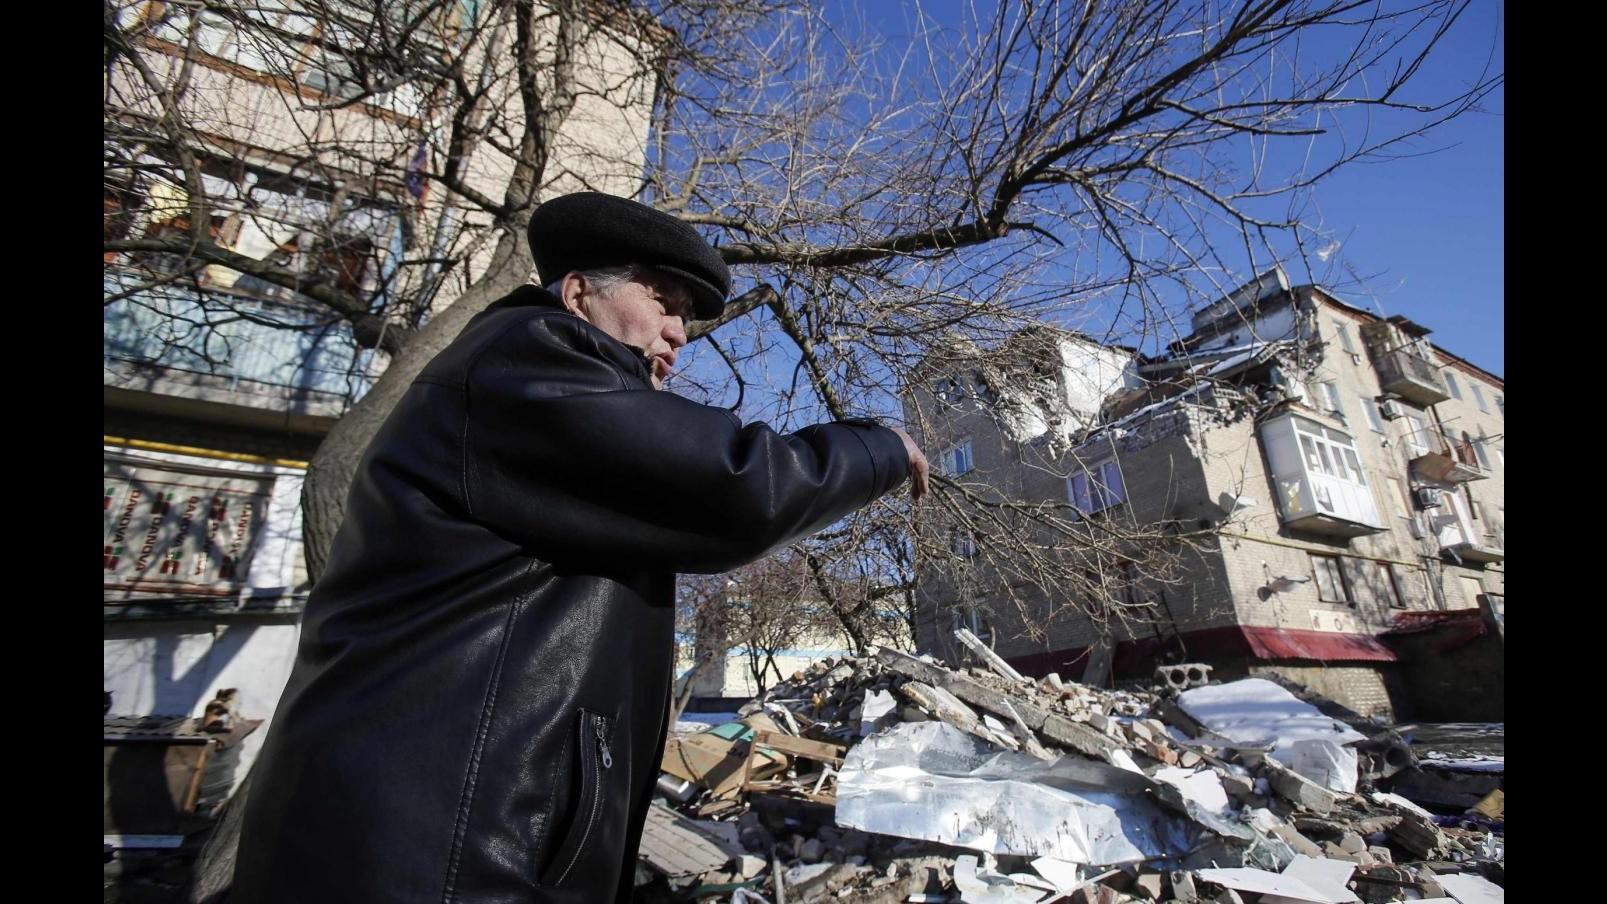 Ucraina, filorussi: 10 civili uccisi da colpi artiglieria in 24 ore